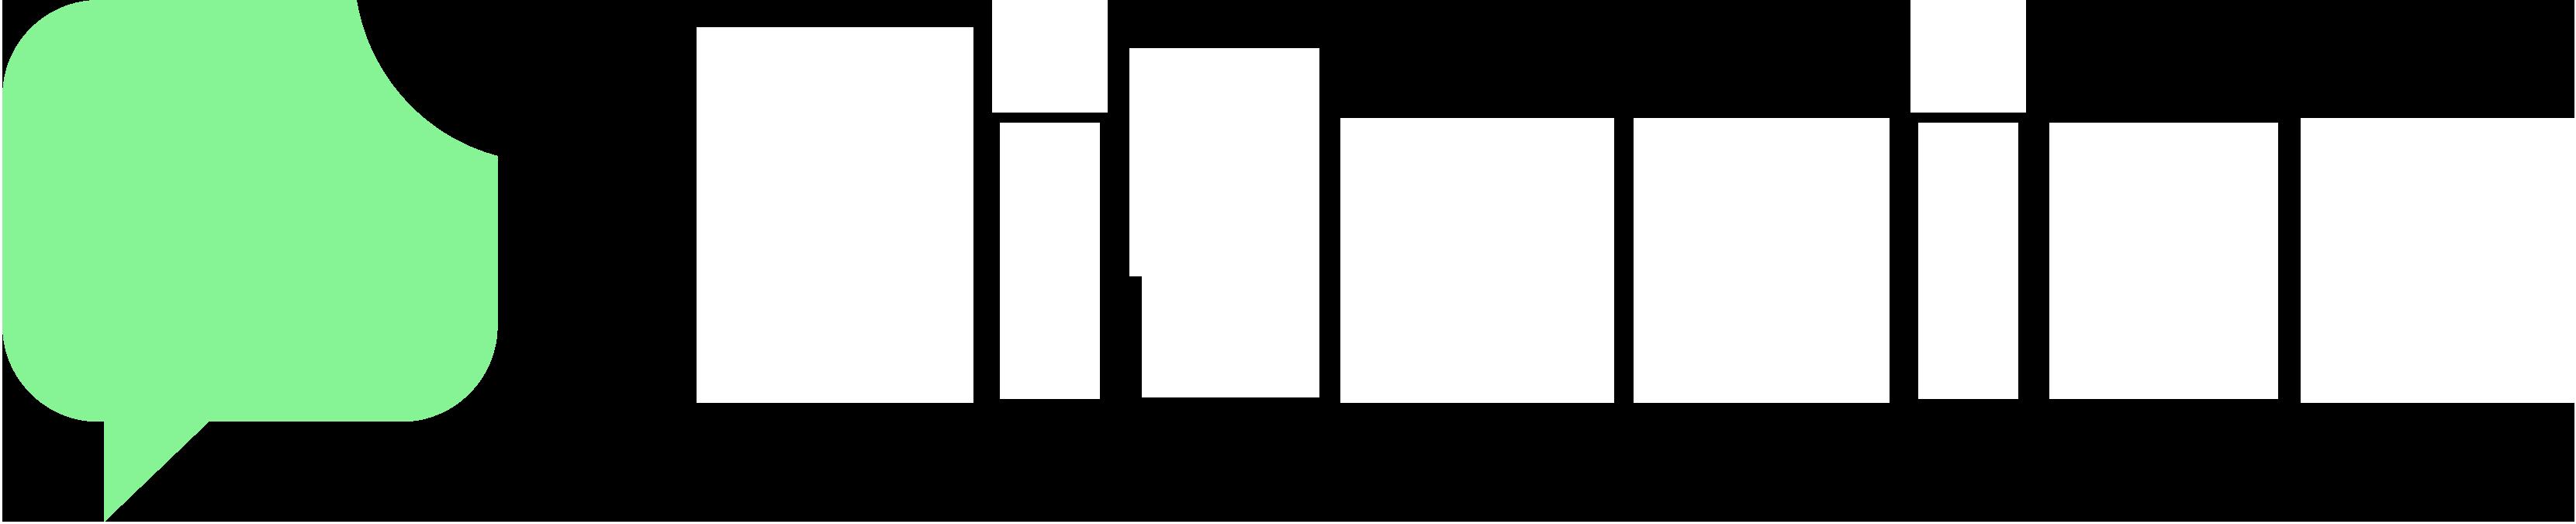 Bitesize